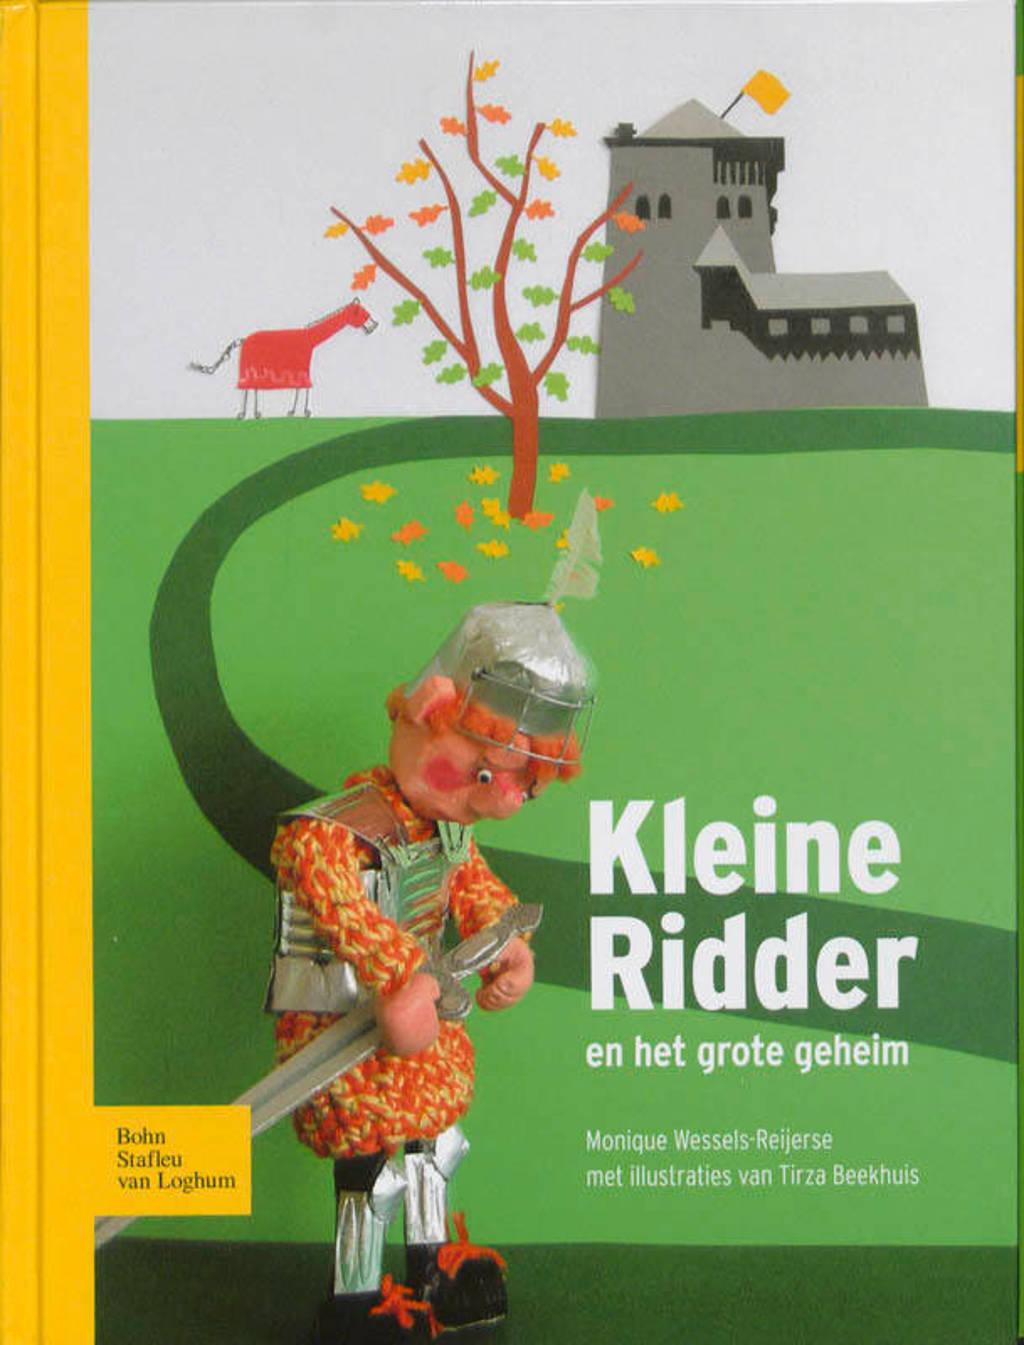 Kleine ridder - M. Wessels-Reijerse